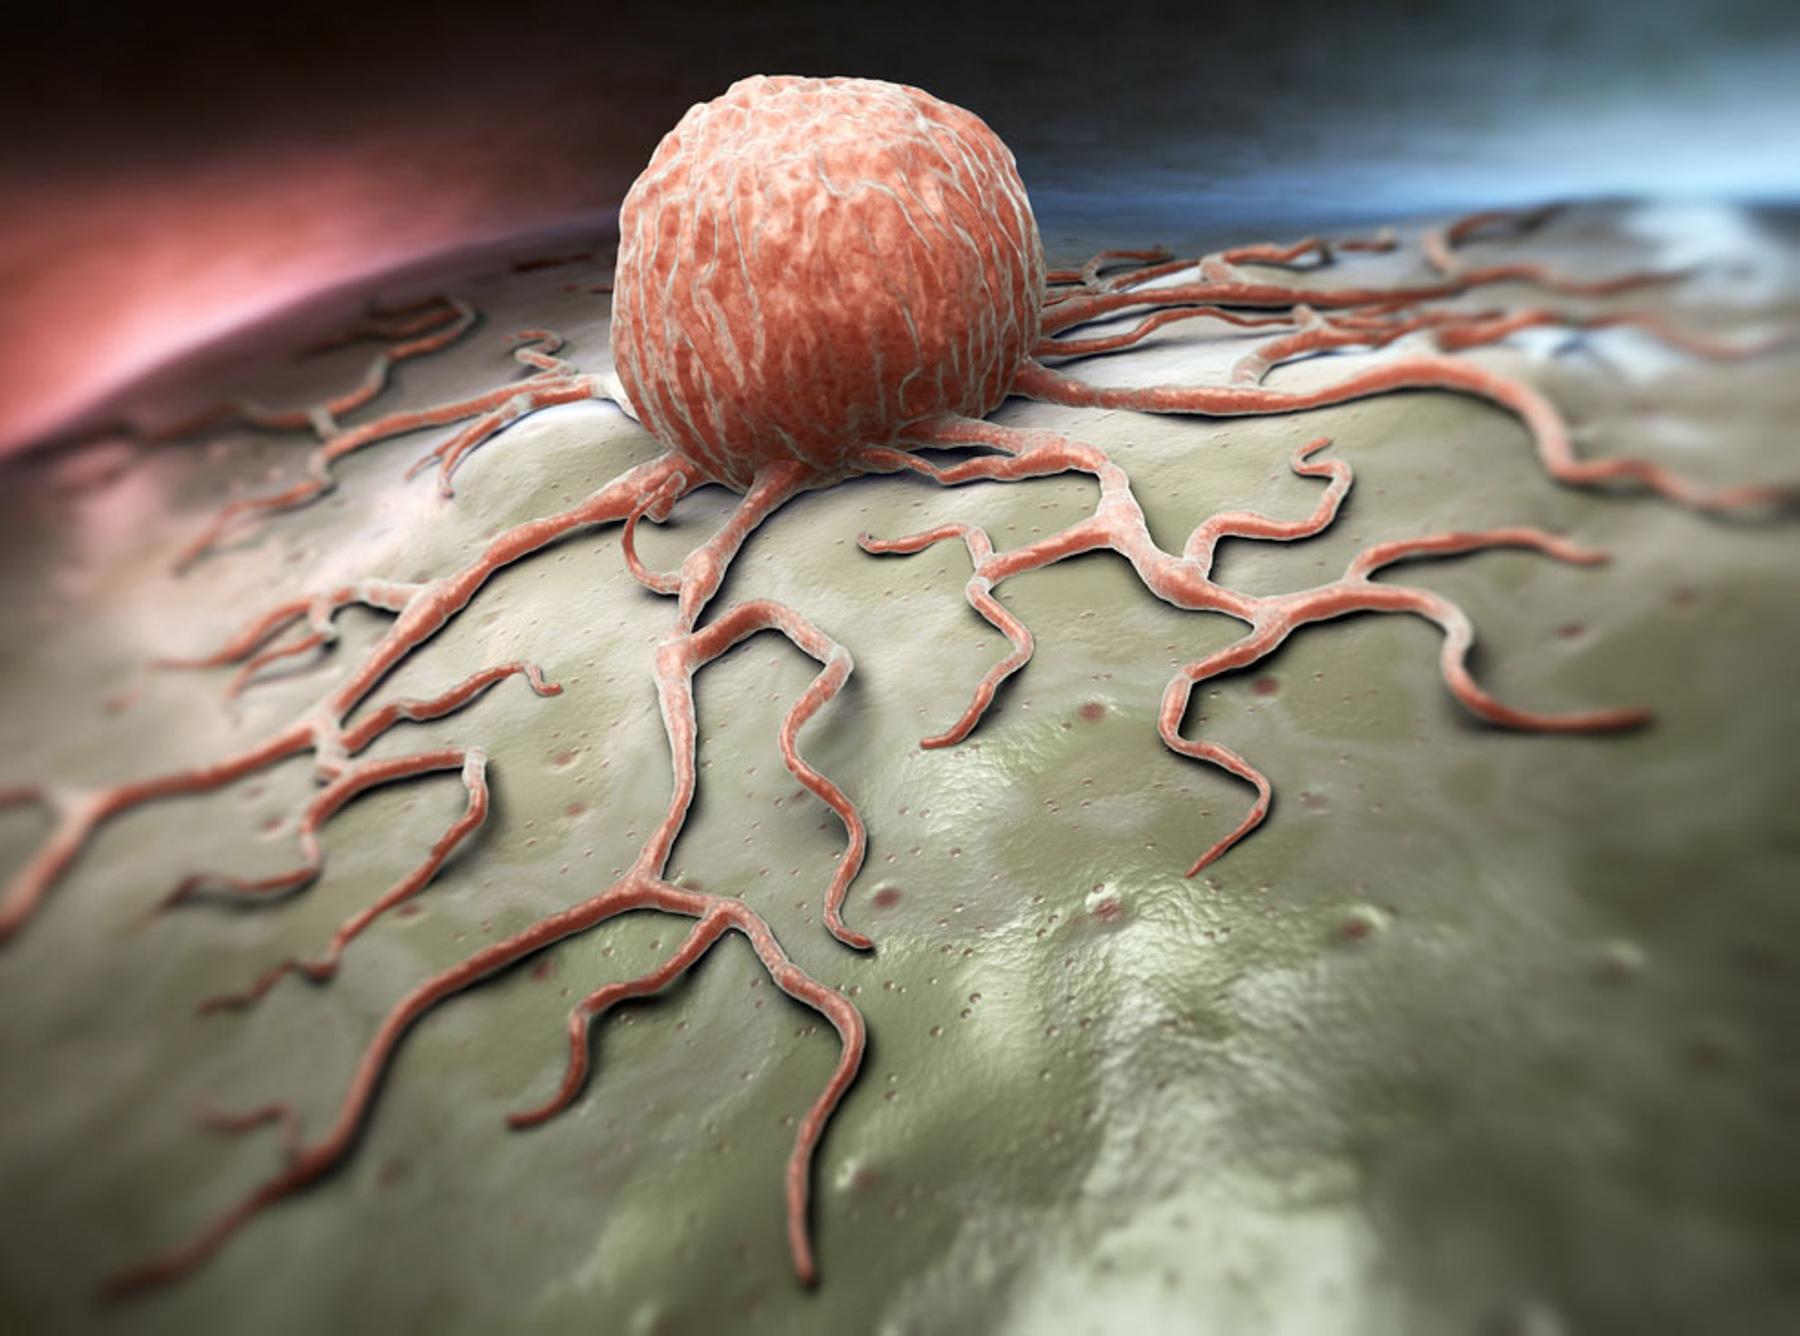 سرطان؛ بیماری کشندهای که شناخته شده نیست